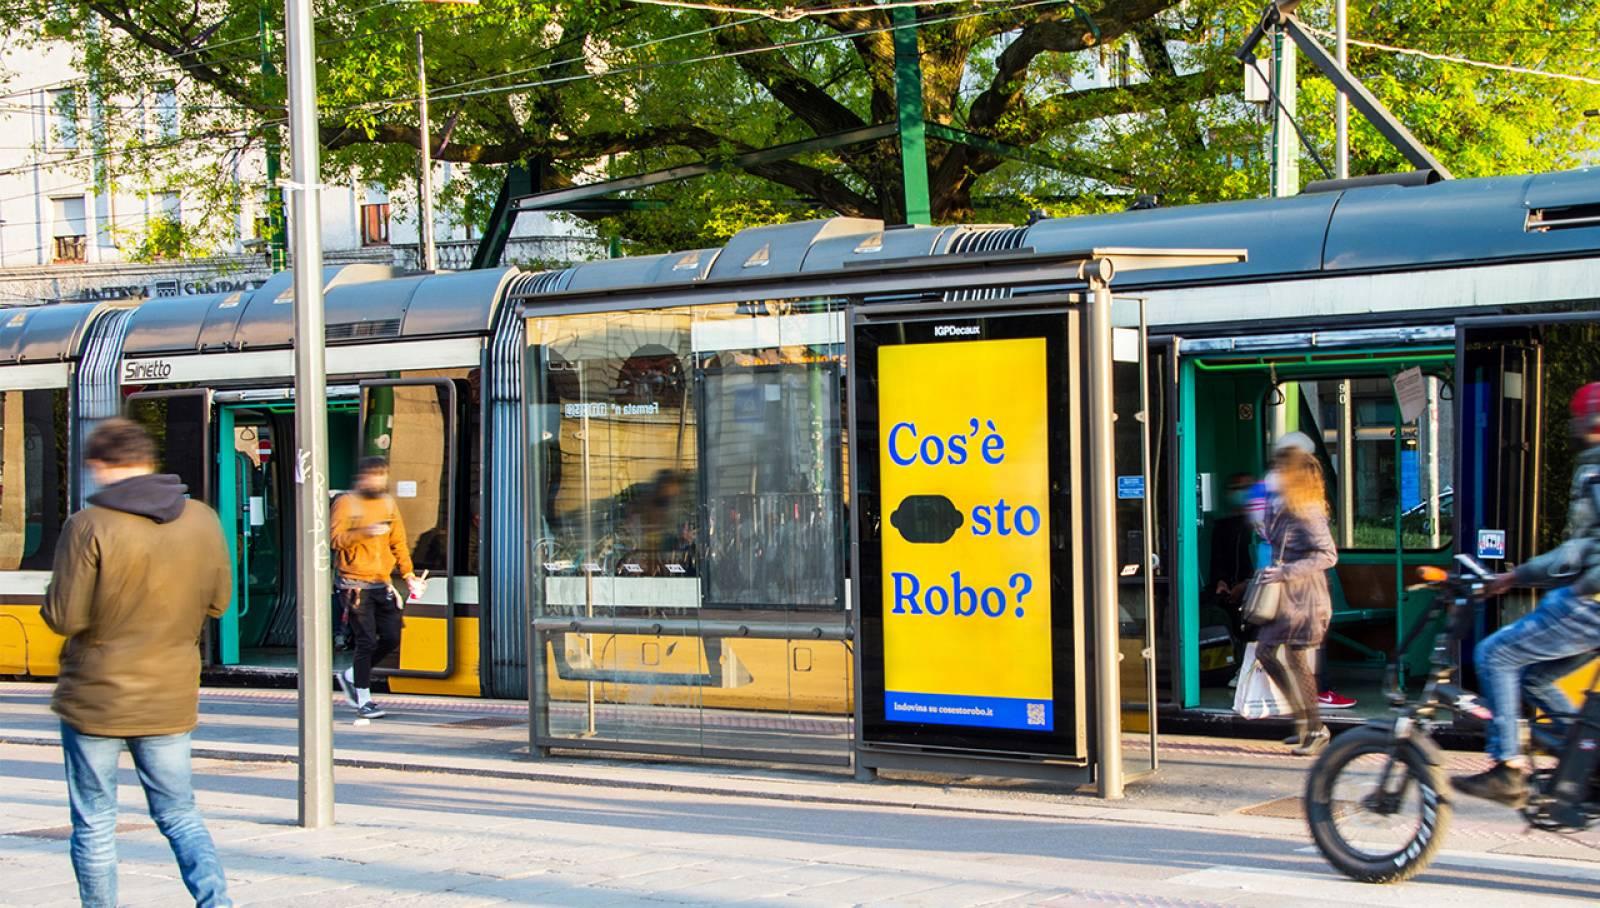 Pubblicità sulle pensiline IGPDecaux Milano Network Vision per NeN